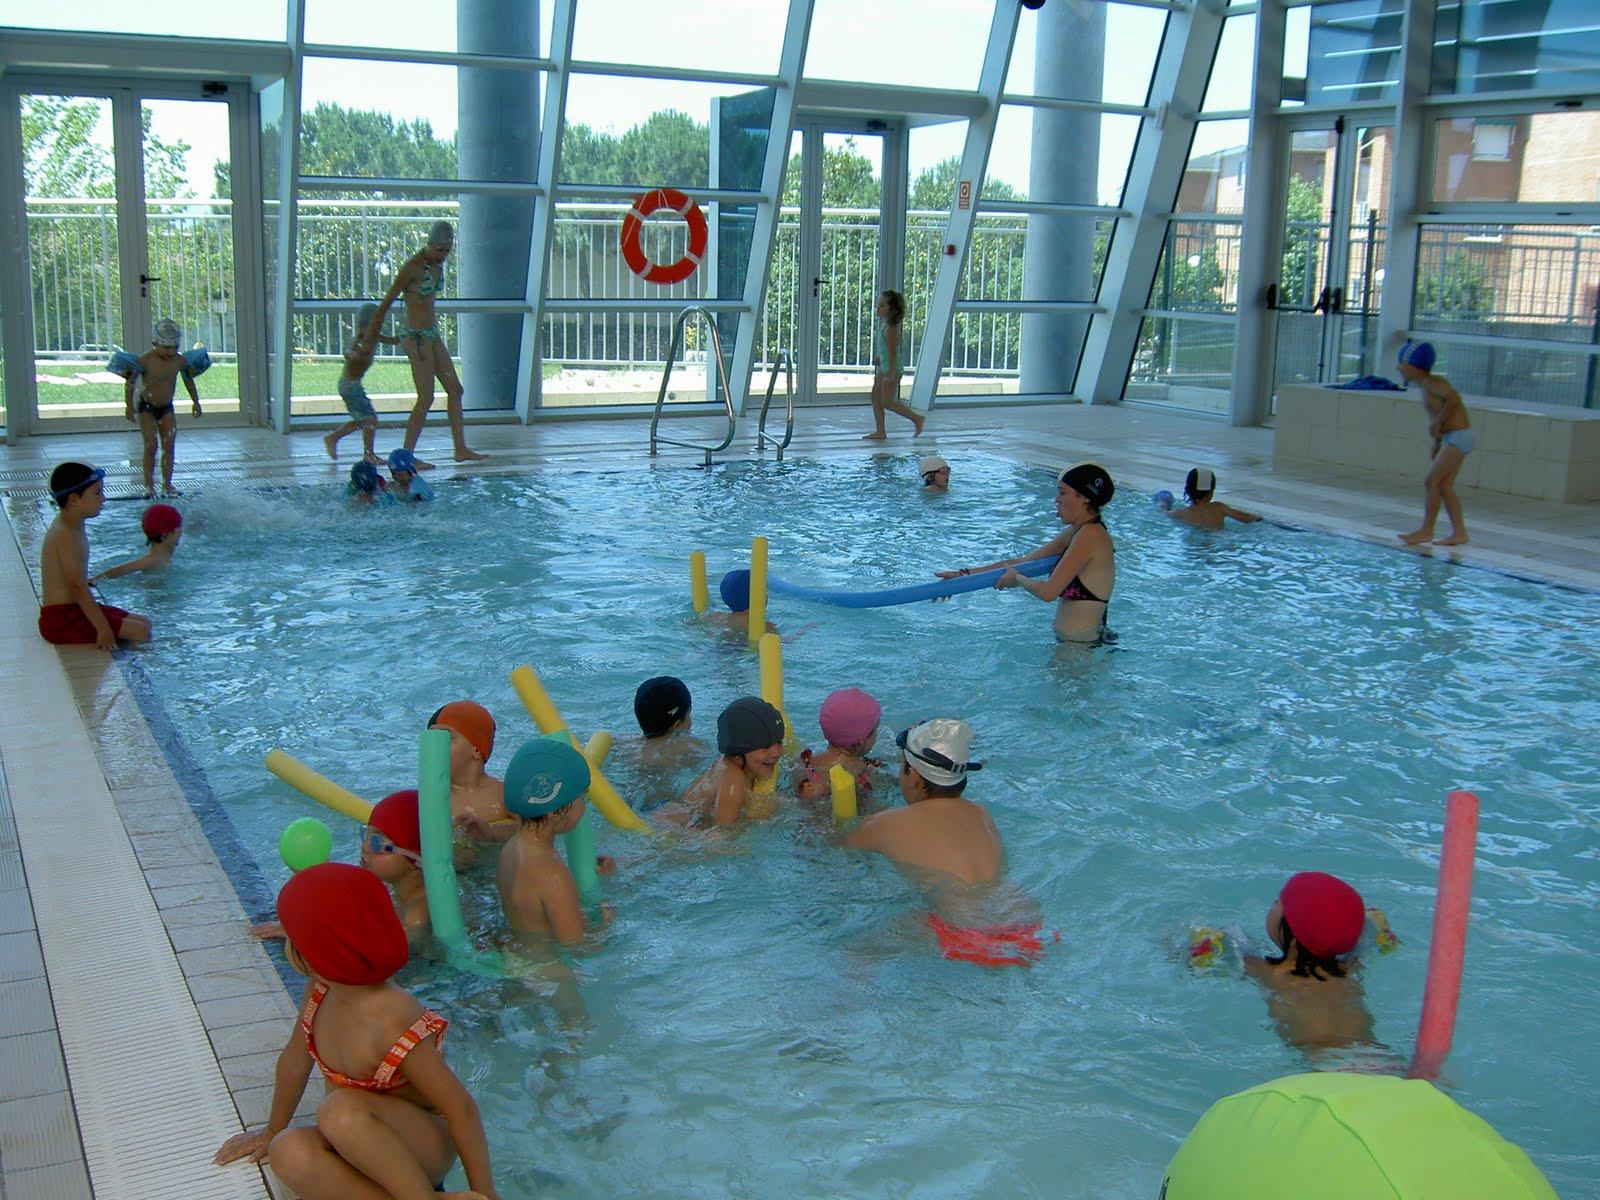 Miniclub soto del real primer d a de piscina for Piscinas soto